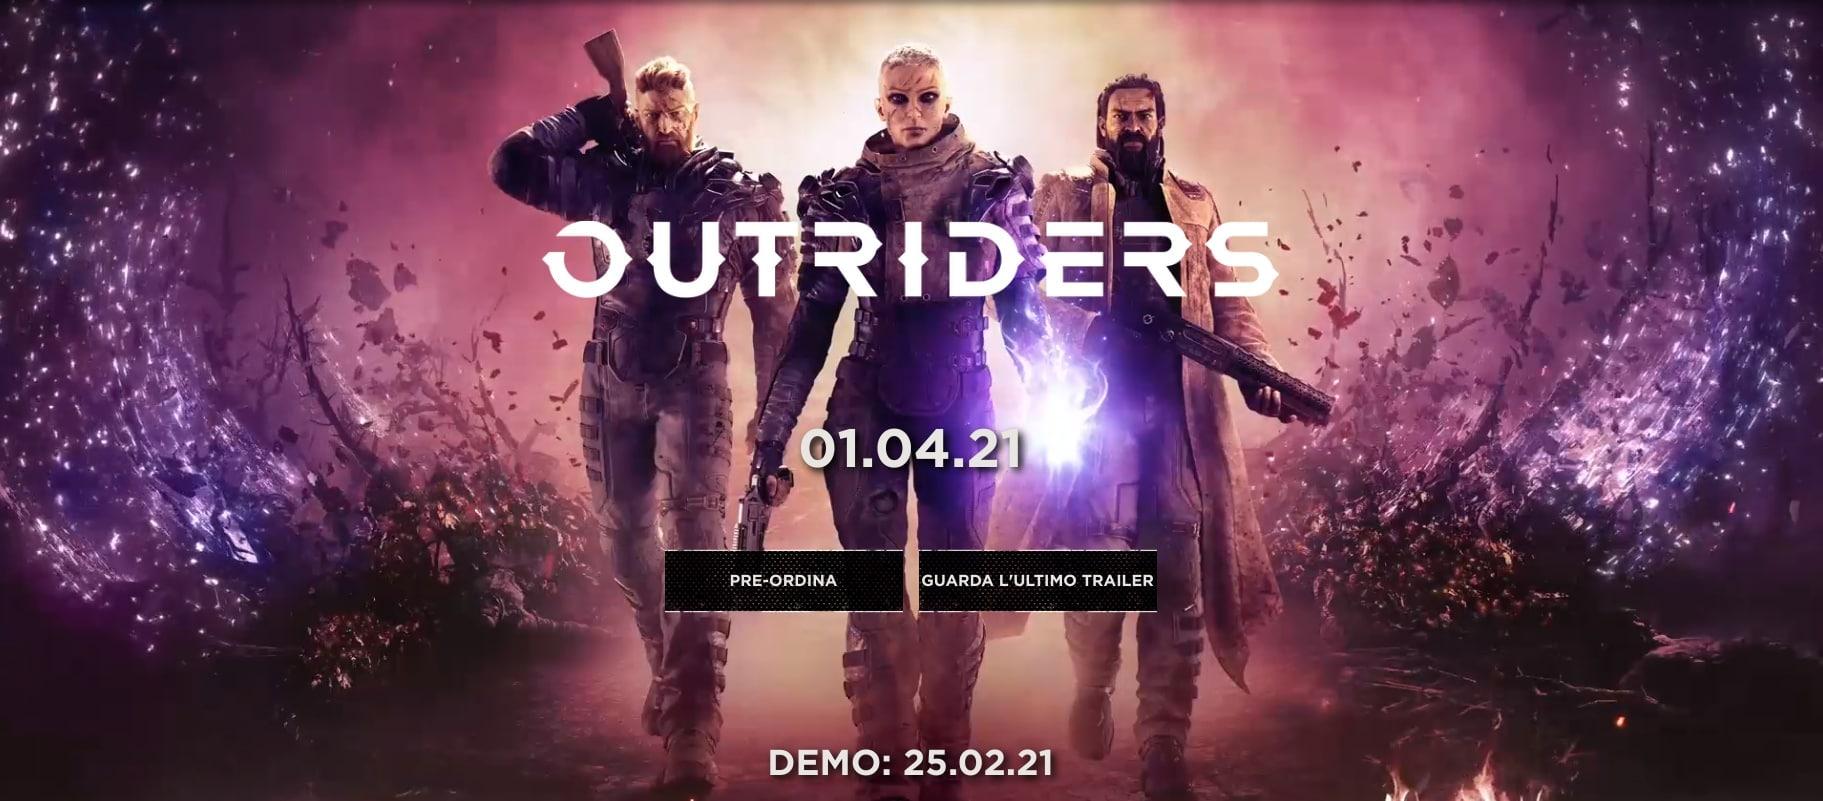 La demo di Outriders è disponibile per tutti da domani! Ecco perché vale la pena provarla (video)